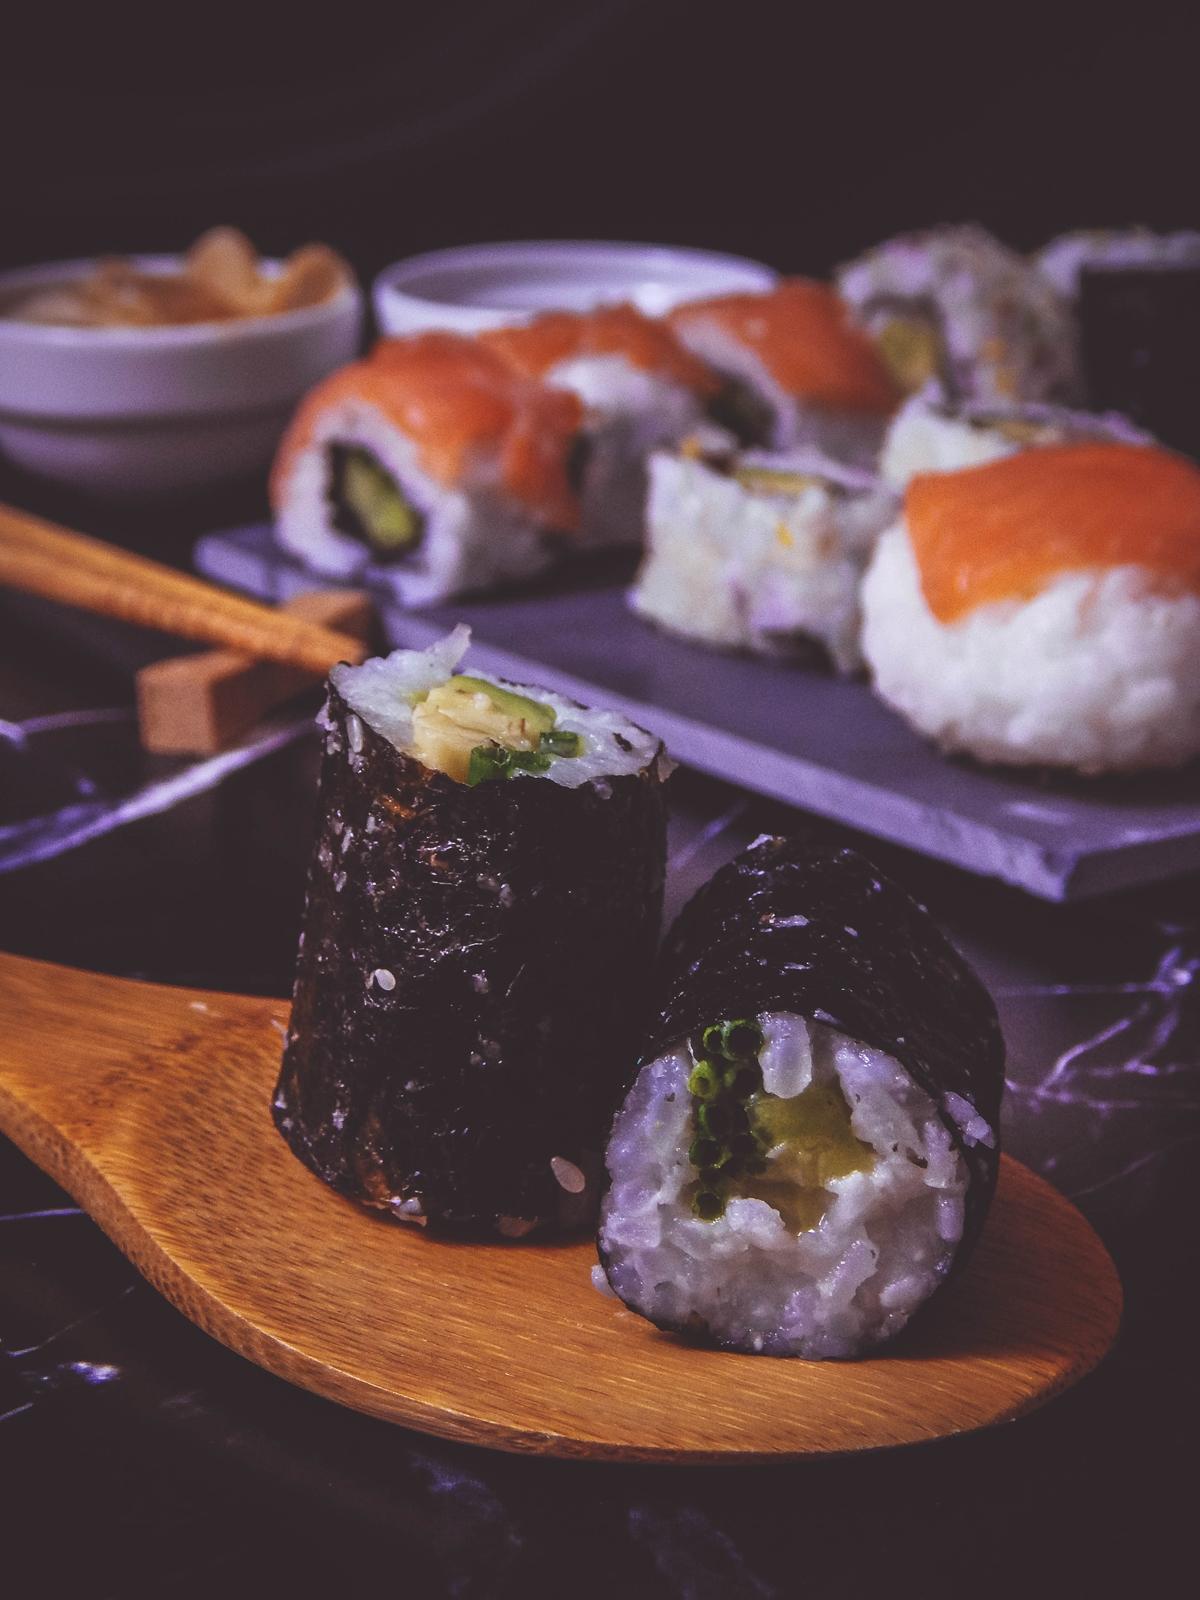 przepis na sushi jak zrobić sushi sushi bez surowej ryby z wędzonym łososiem dragon sushi przepis pomysły rodzaje sushi blog kulinarny melodylaniella łódź blogerka łódzka hoso maki